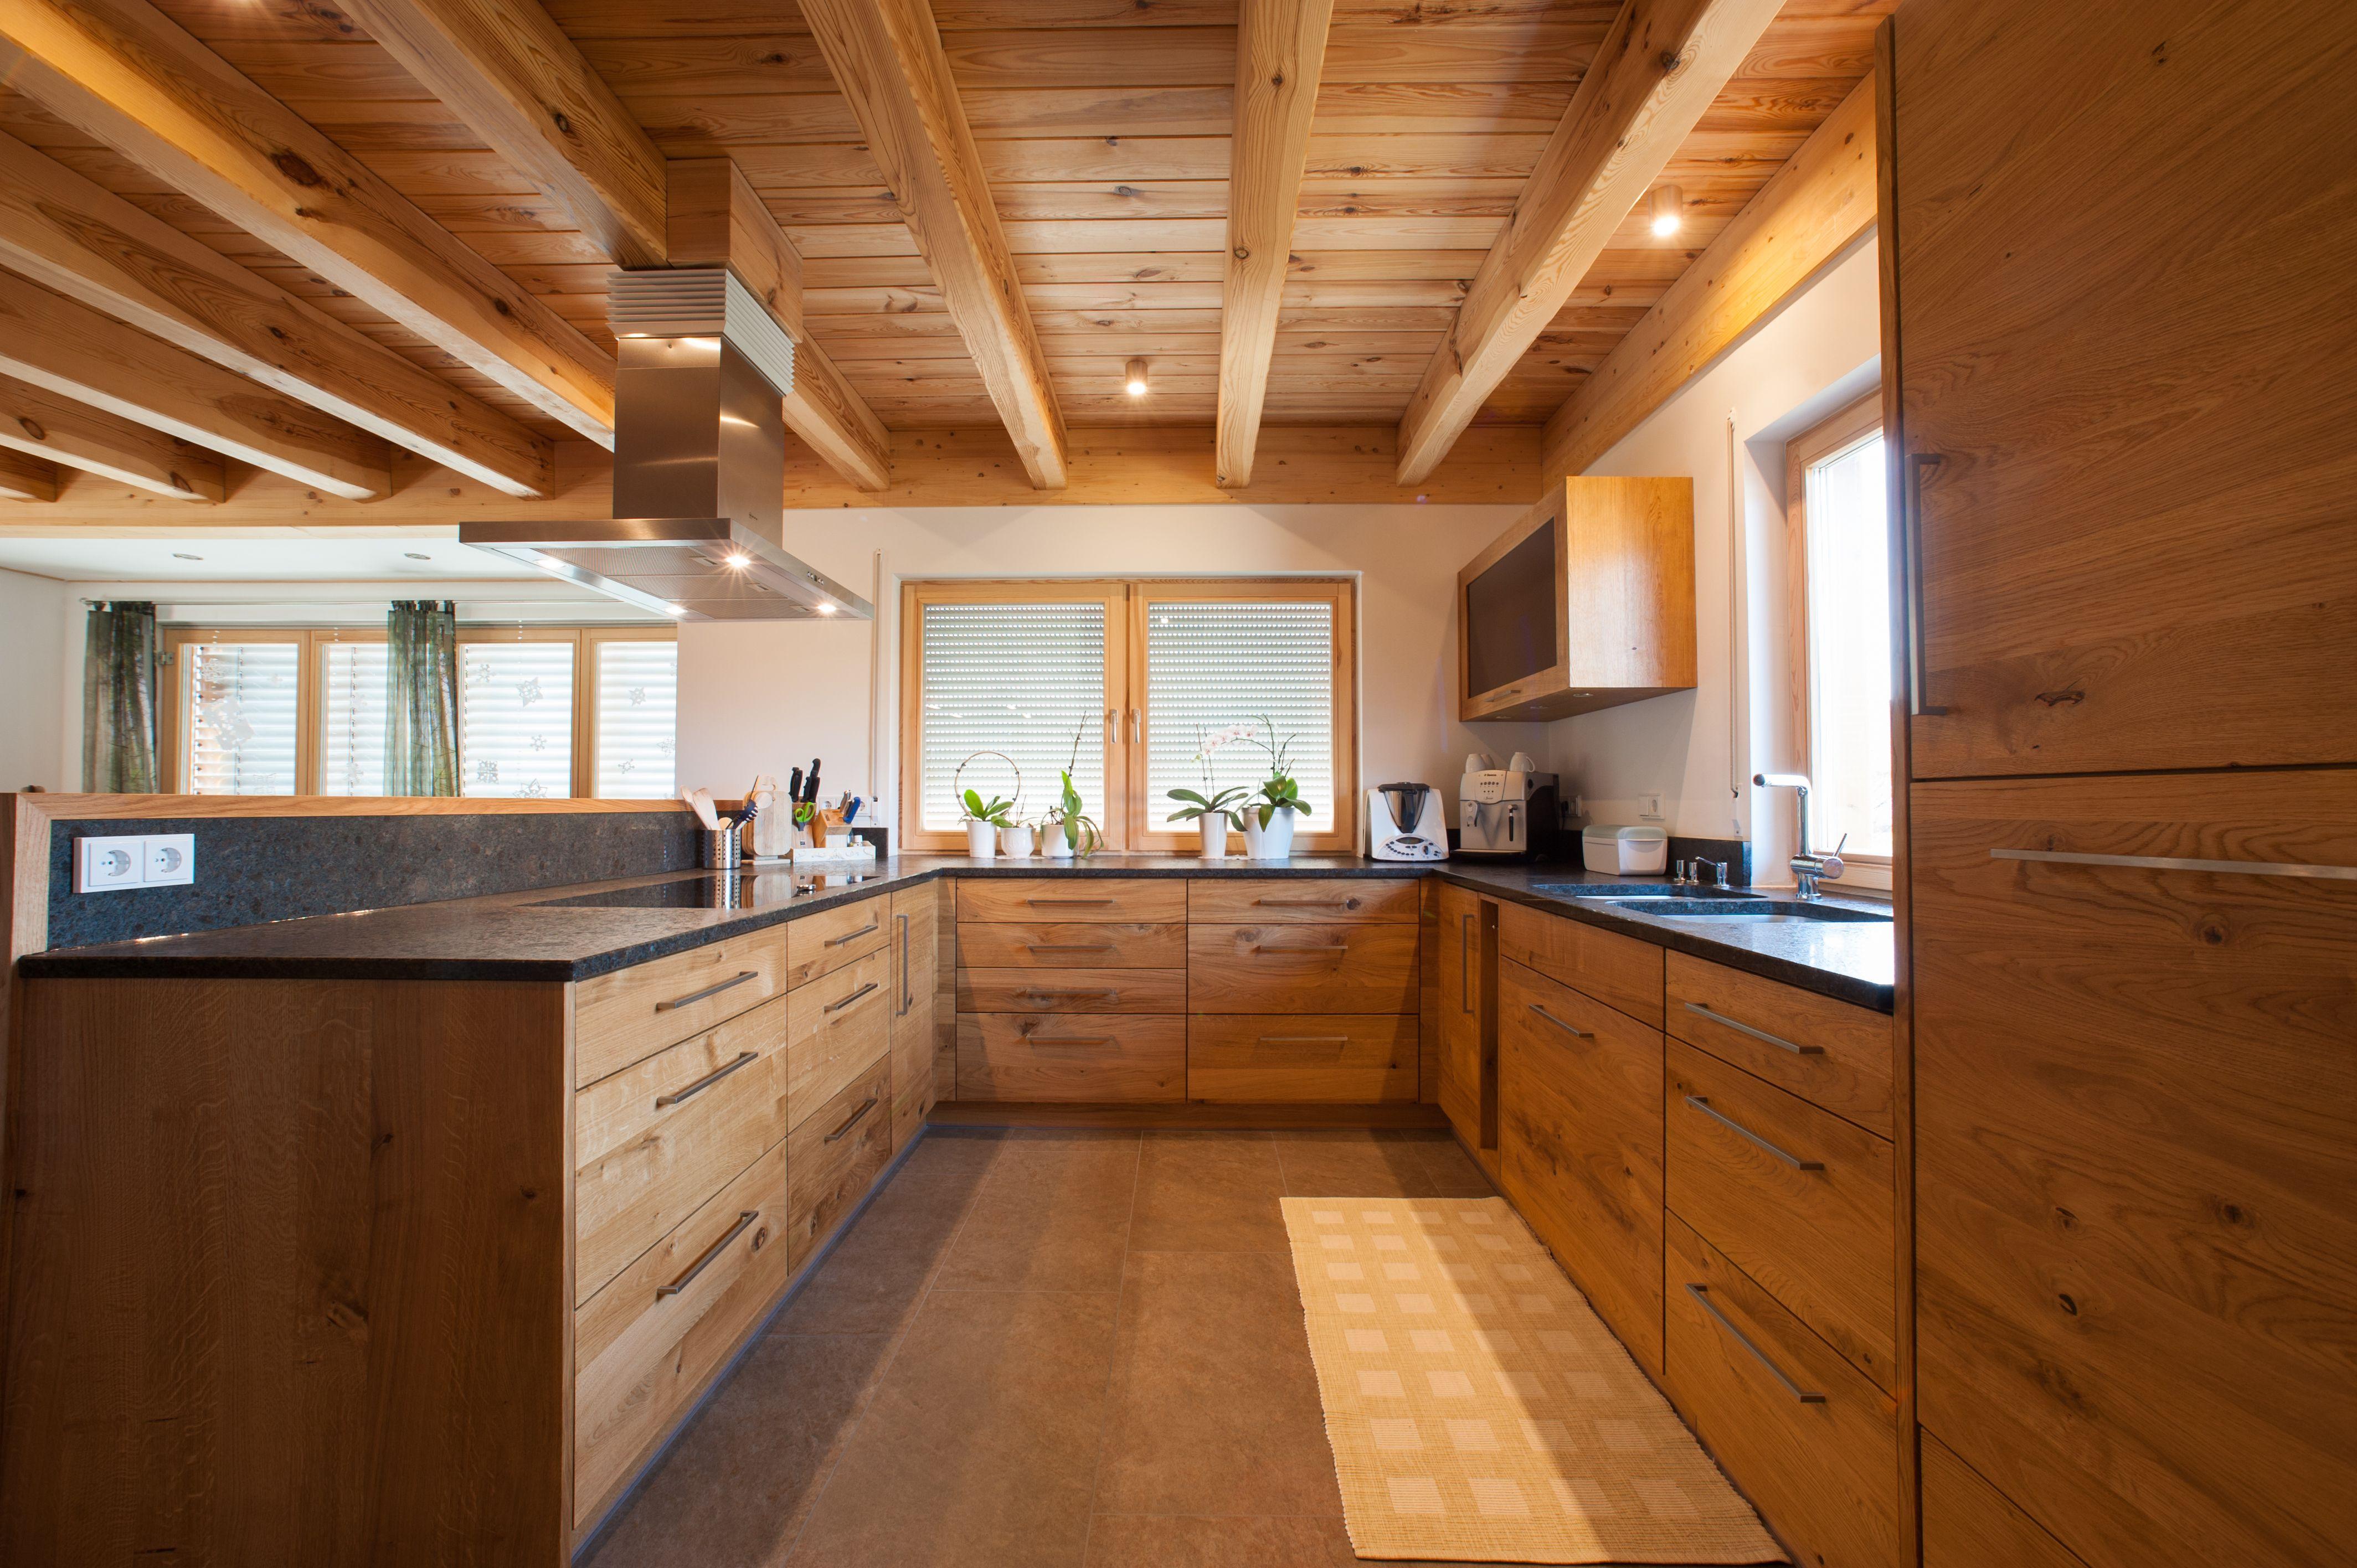 Küche In Eiche Wild Haus Küchen Holzküche Küchendesign